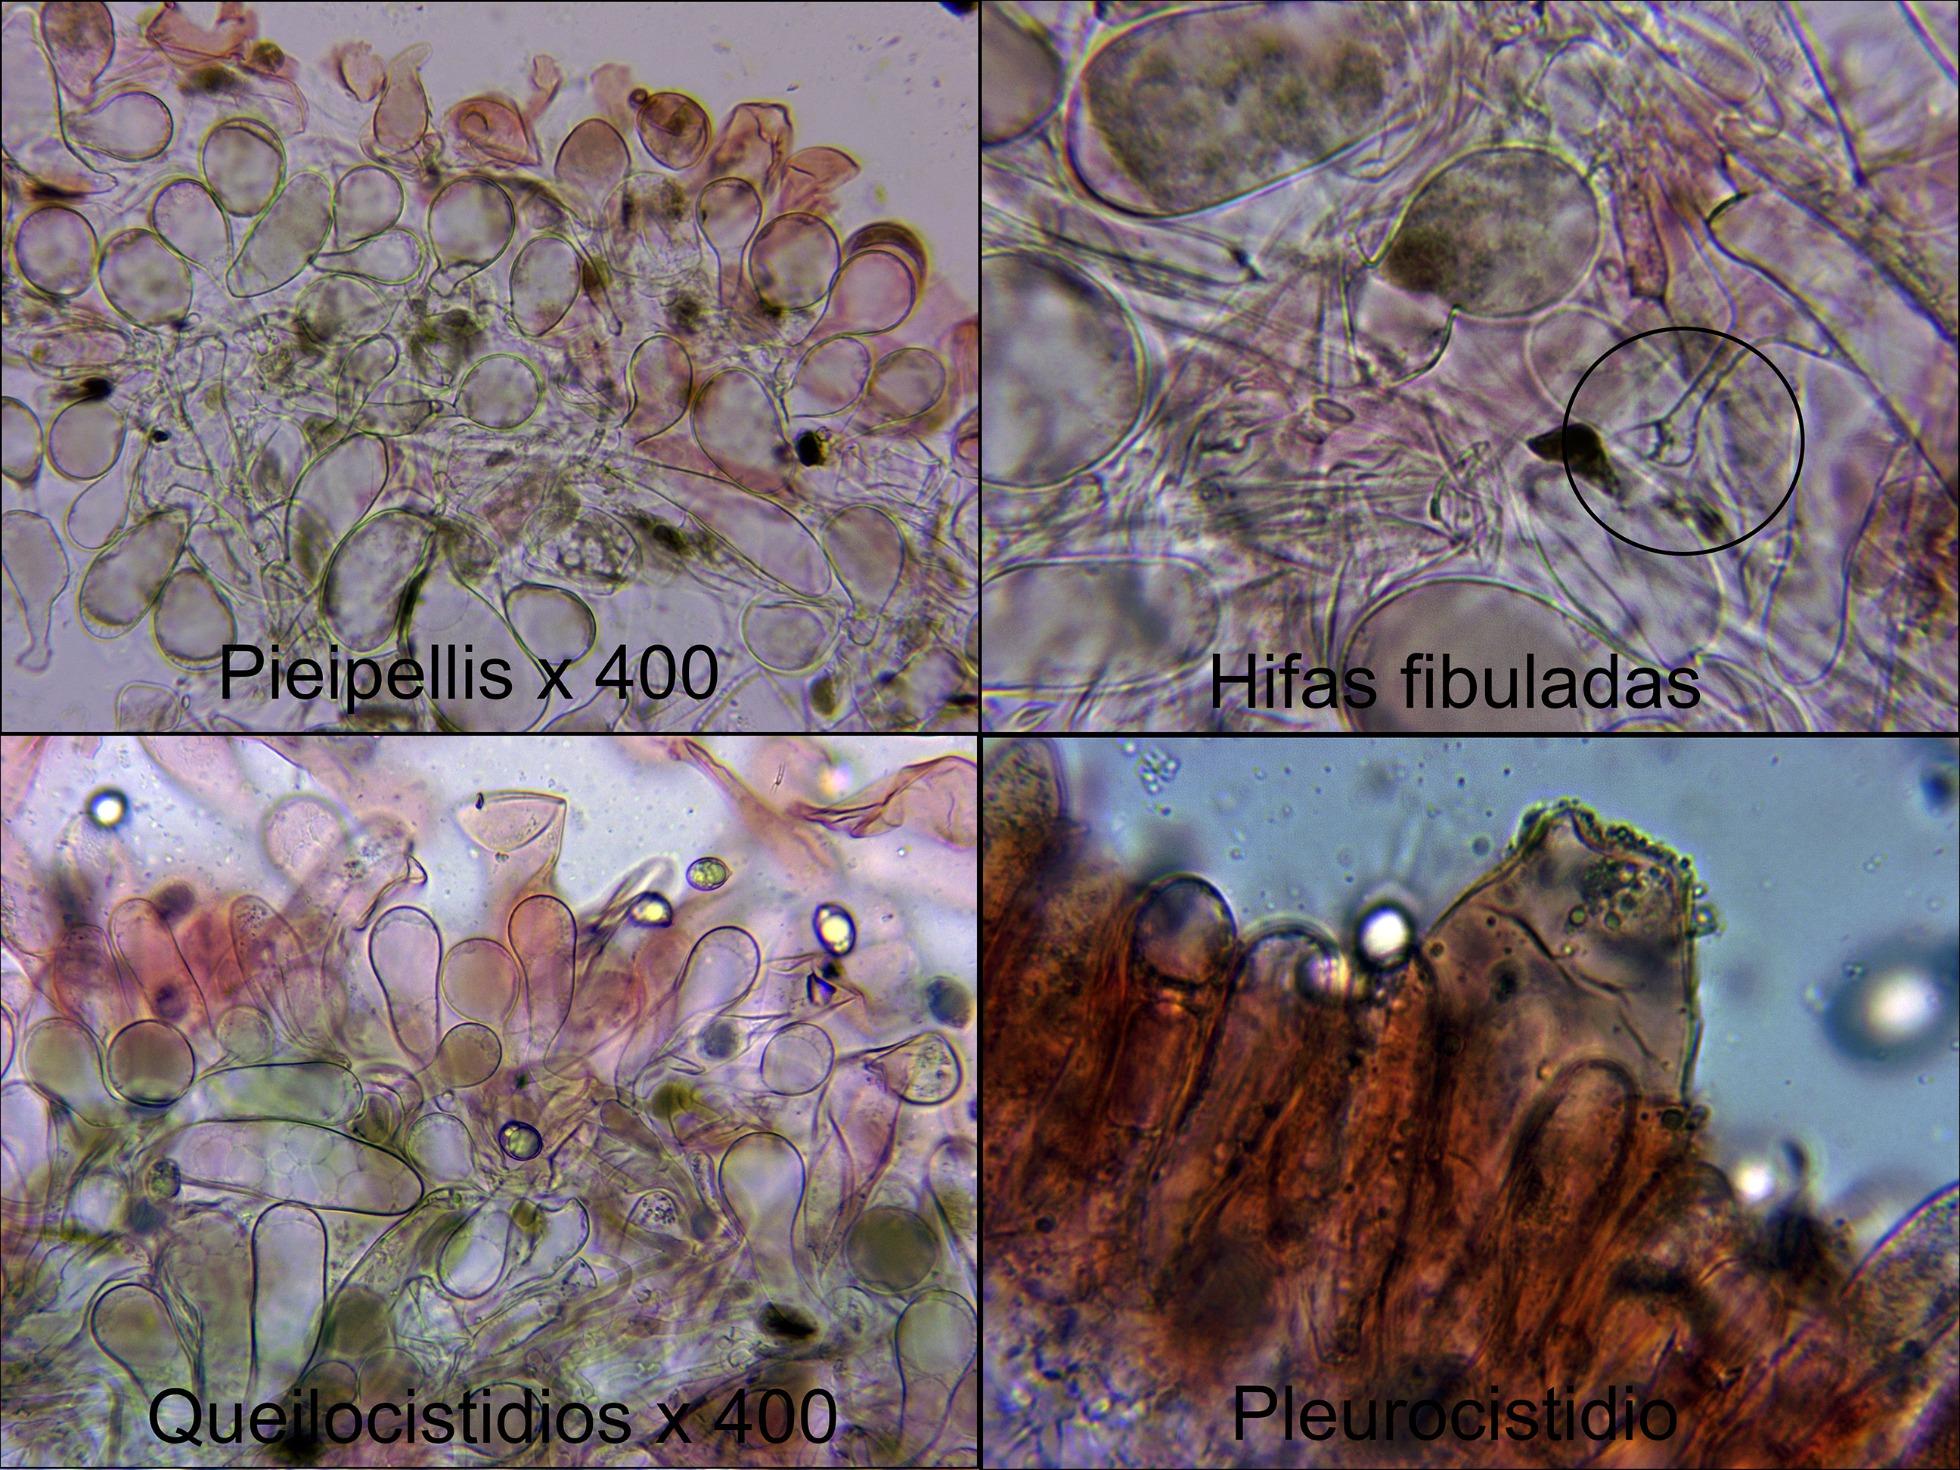 Himenopellisradicatamicro_2021-08-20.jpg